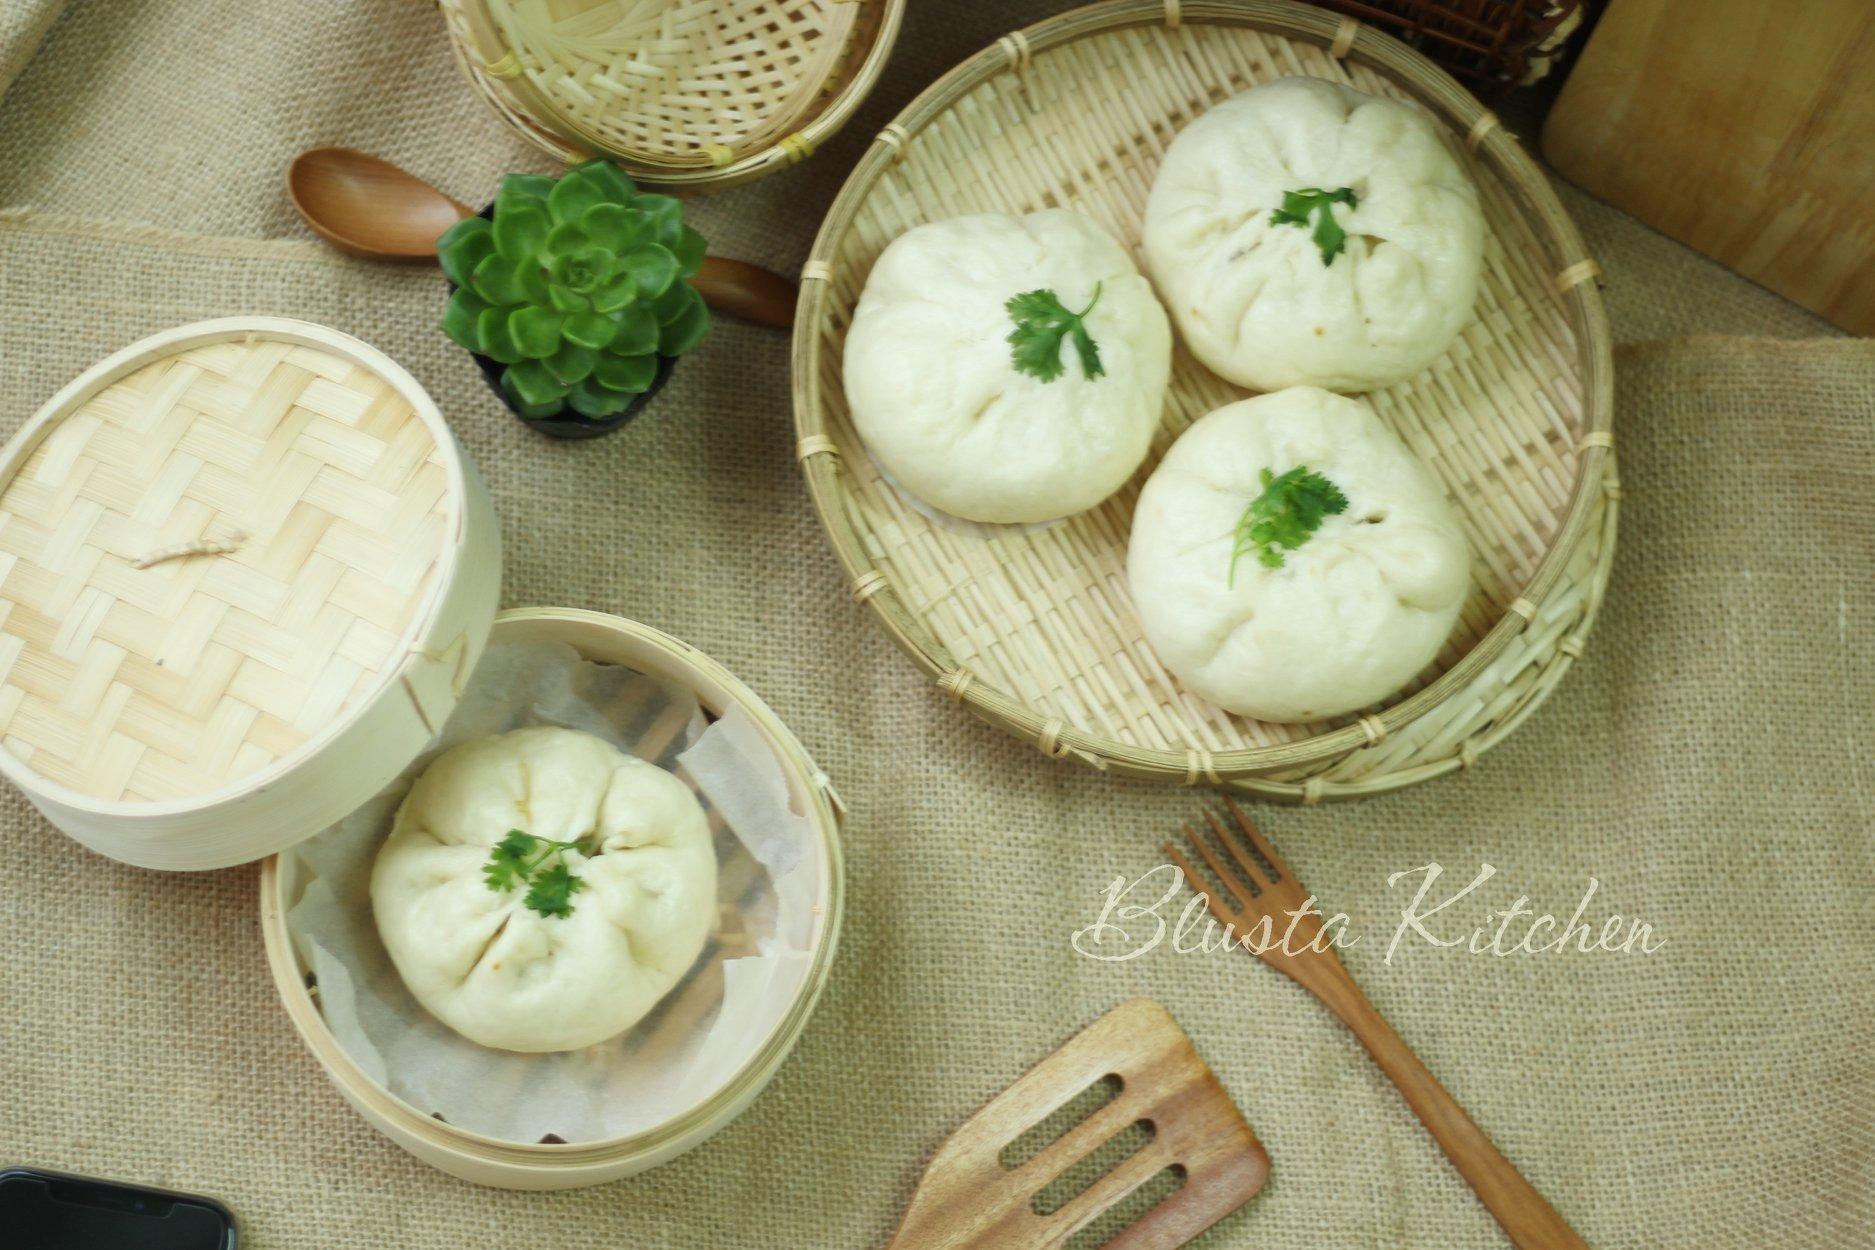 Cách làm bánh bao miền Trung cách làm bánh bao miền trung Cách làm bánh bao miền Trung ngon thương nhớ cach lam banh bao 14